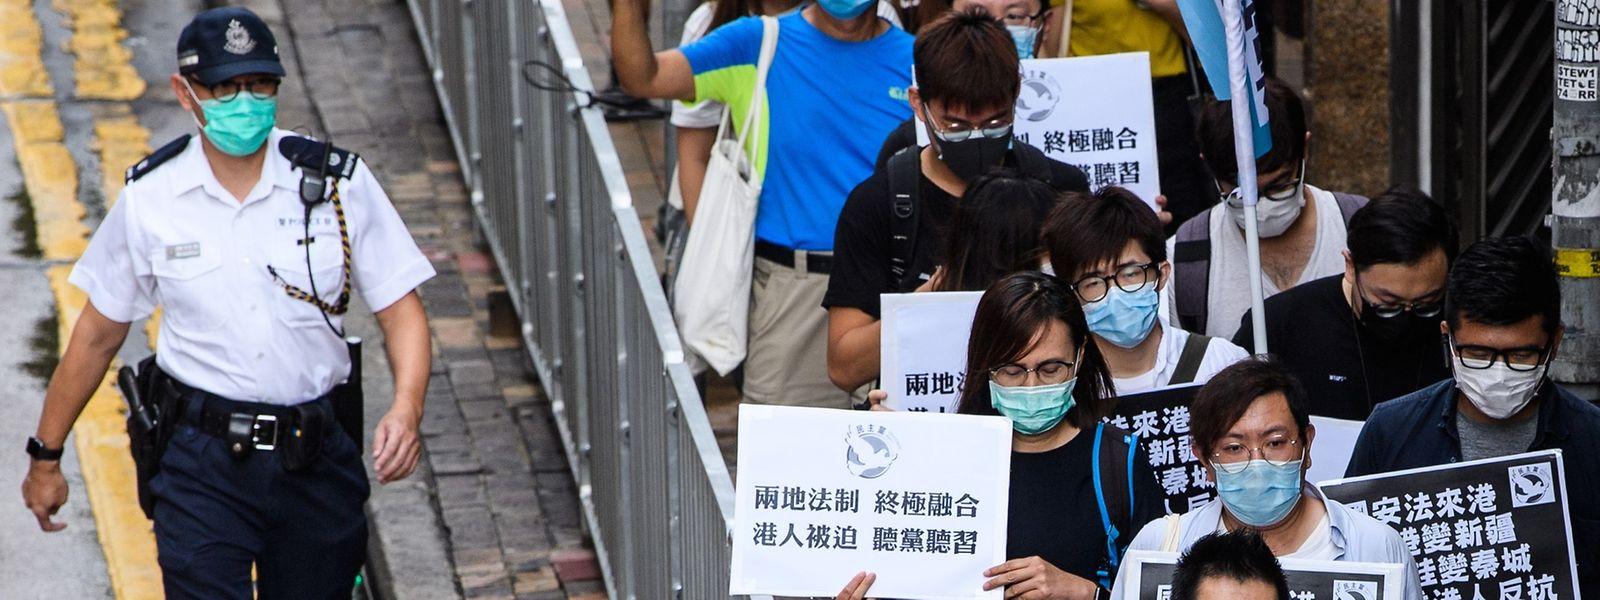 Trotz Verbot trauten sich am Freitag einige Demonstranten in Hongkong auf die Straße, um ihren Unmut über die geplante Gestzgebung zum Ausdruck zu bringen.